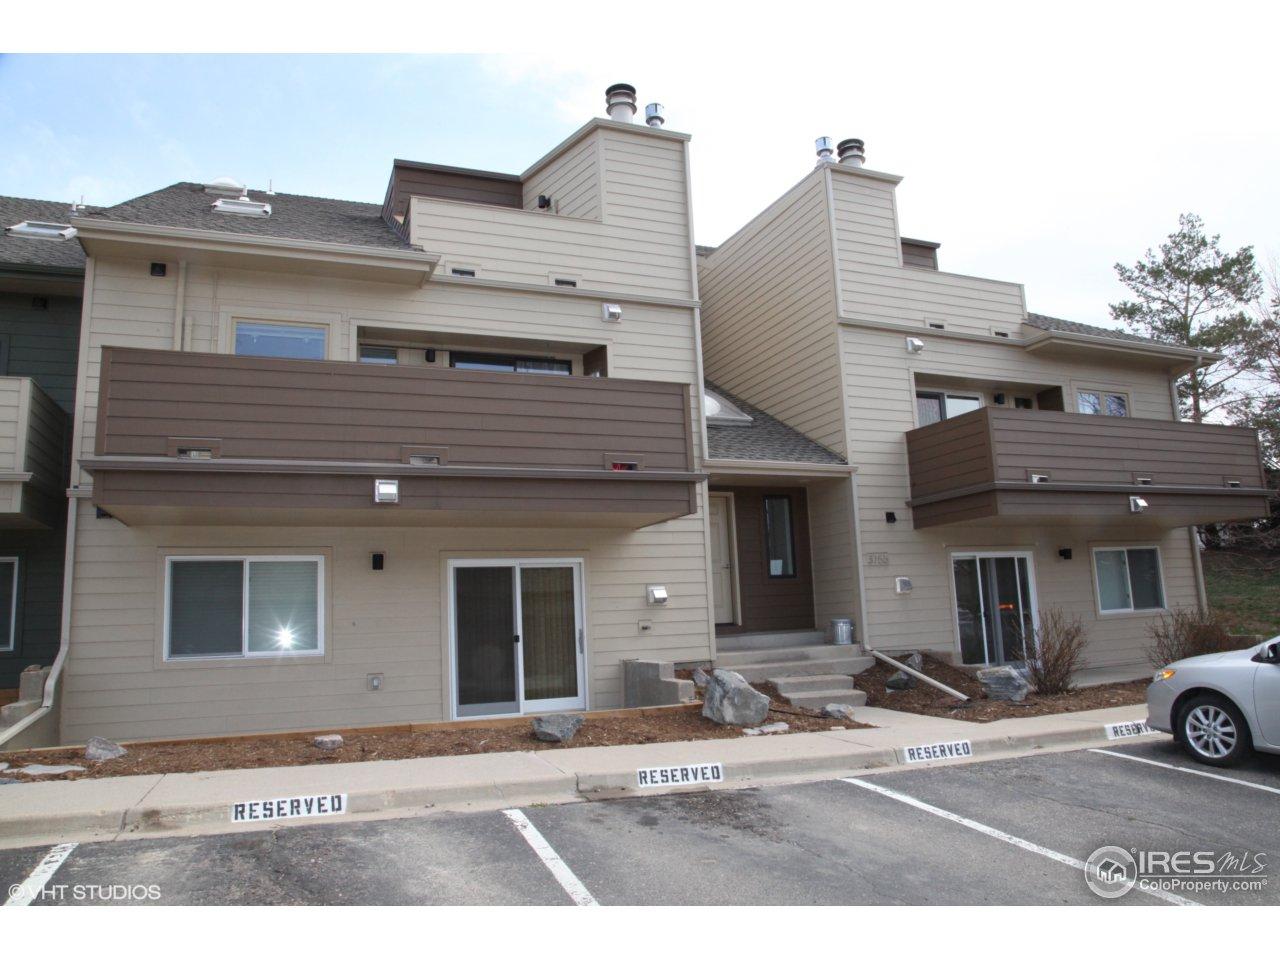 3755 Birchwood Dr 45, Boulder CO 80304